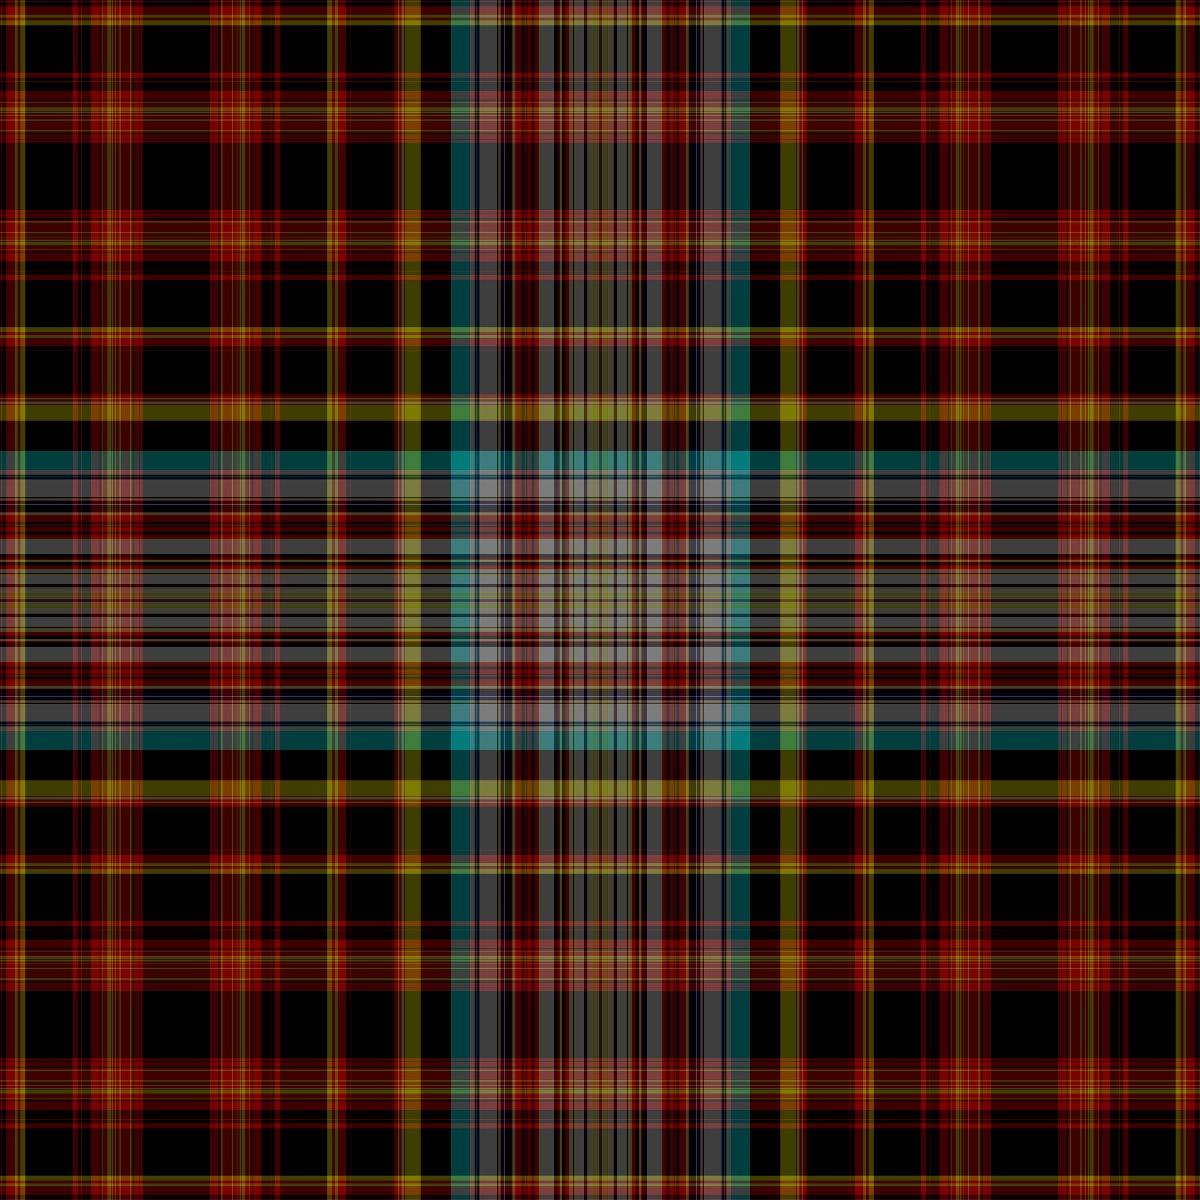 Шотландская клетка фон